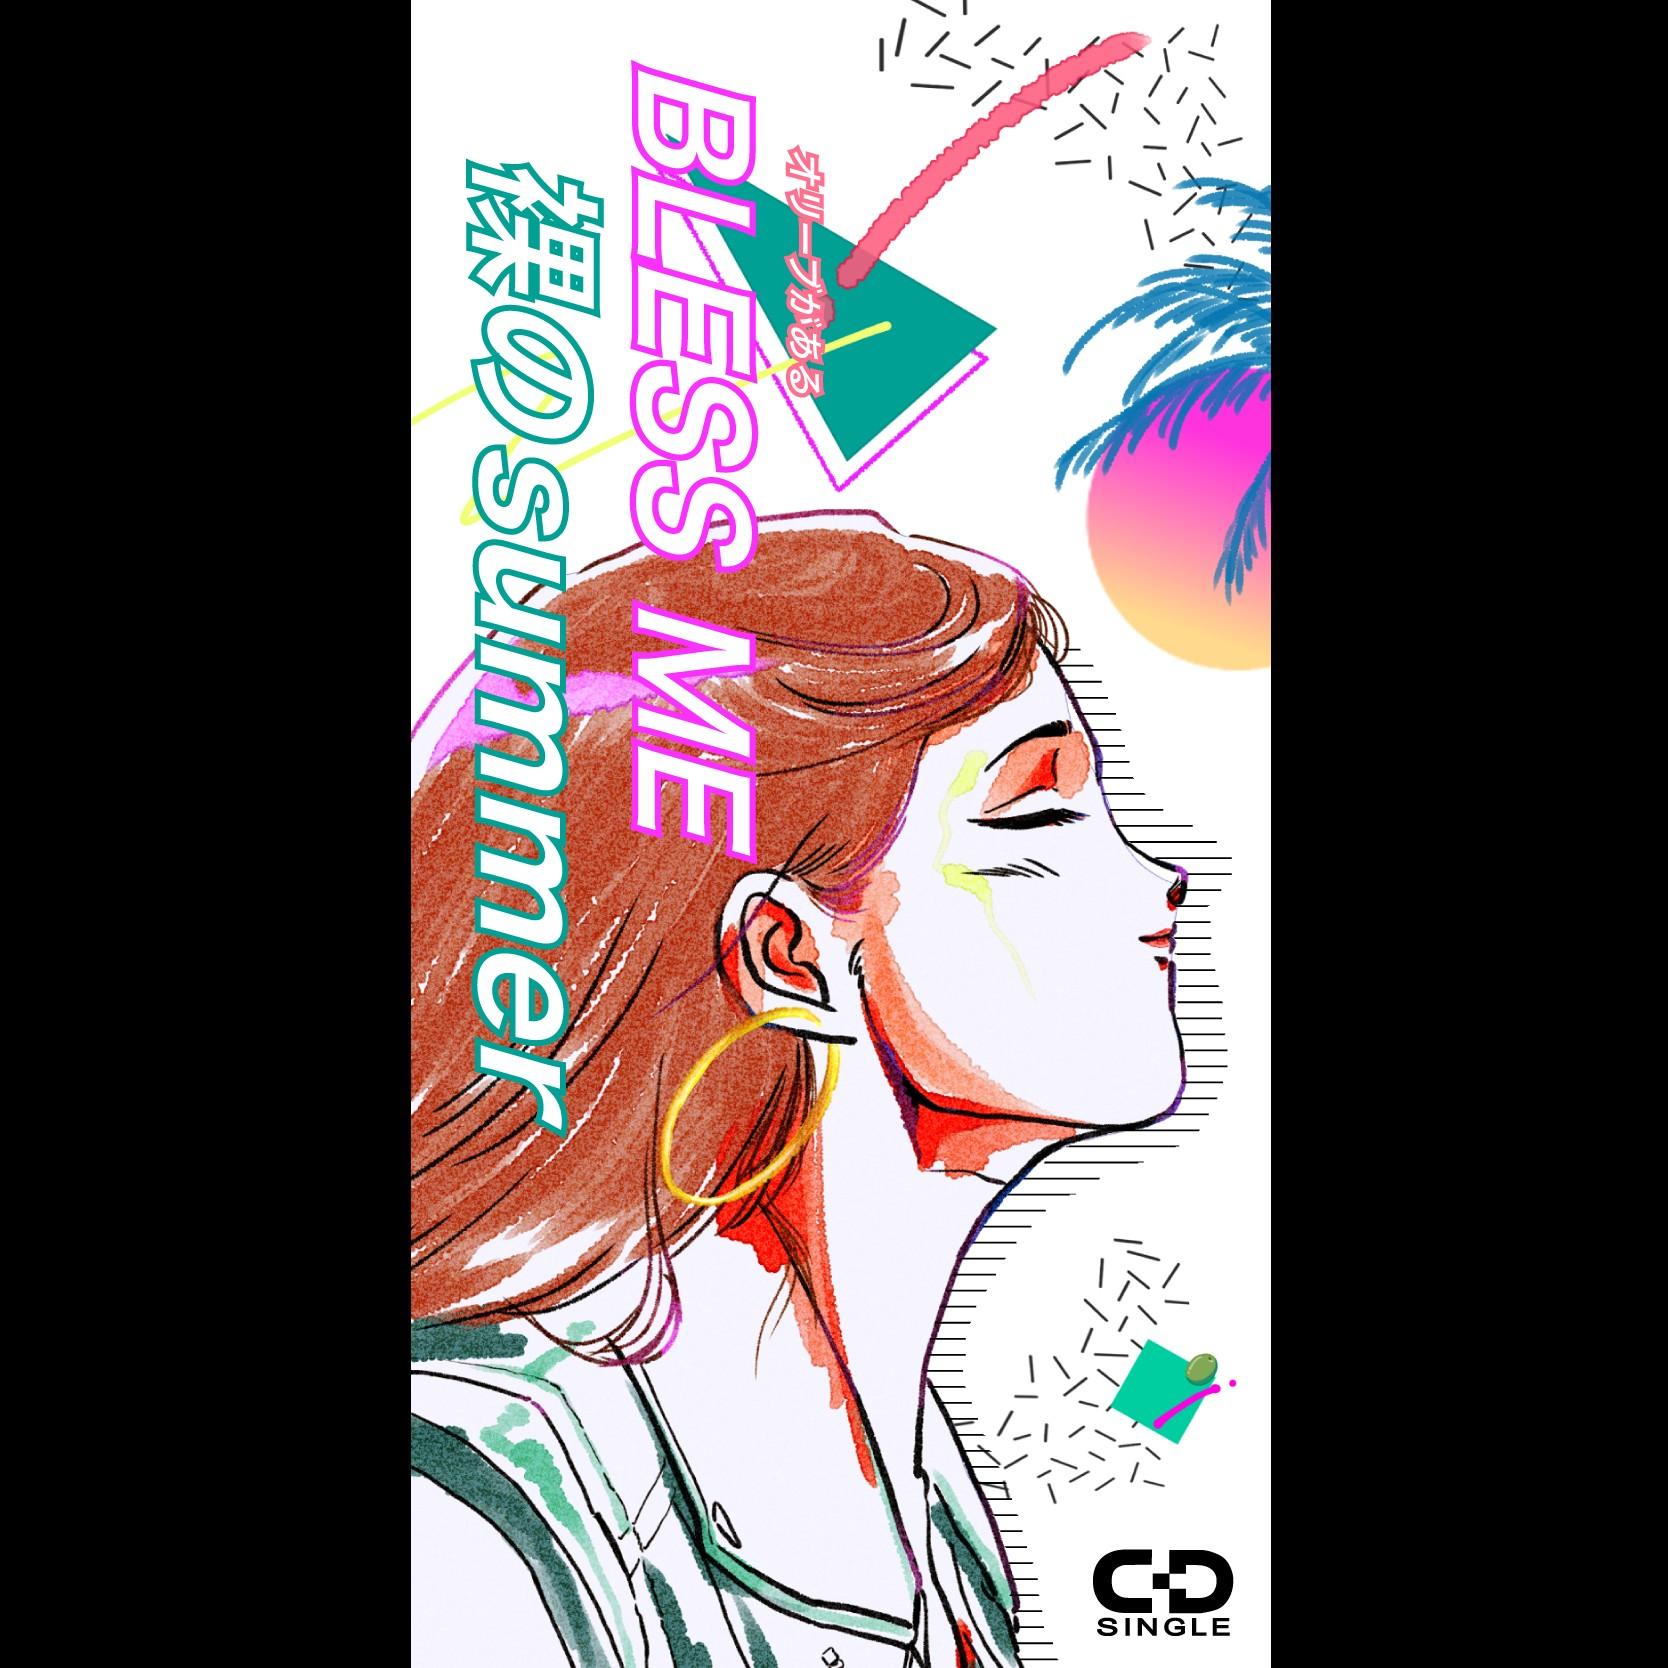 オリーブがある (Oliibugaaru) – BLESS ME / 裸のSummer [FLAC / 24bit Lossless / WEB] [2020.06.14]